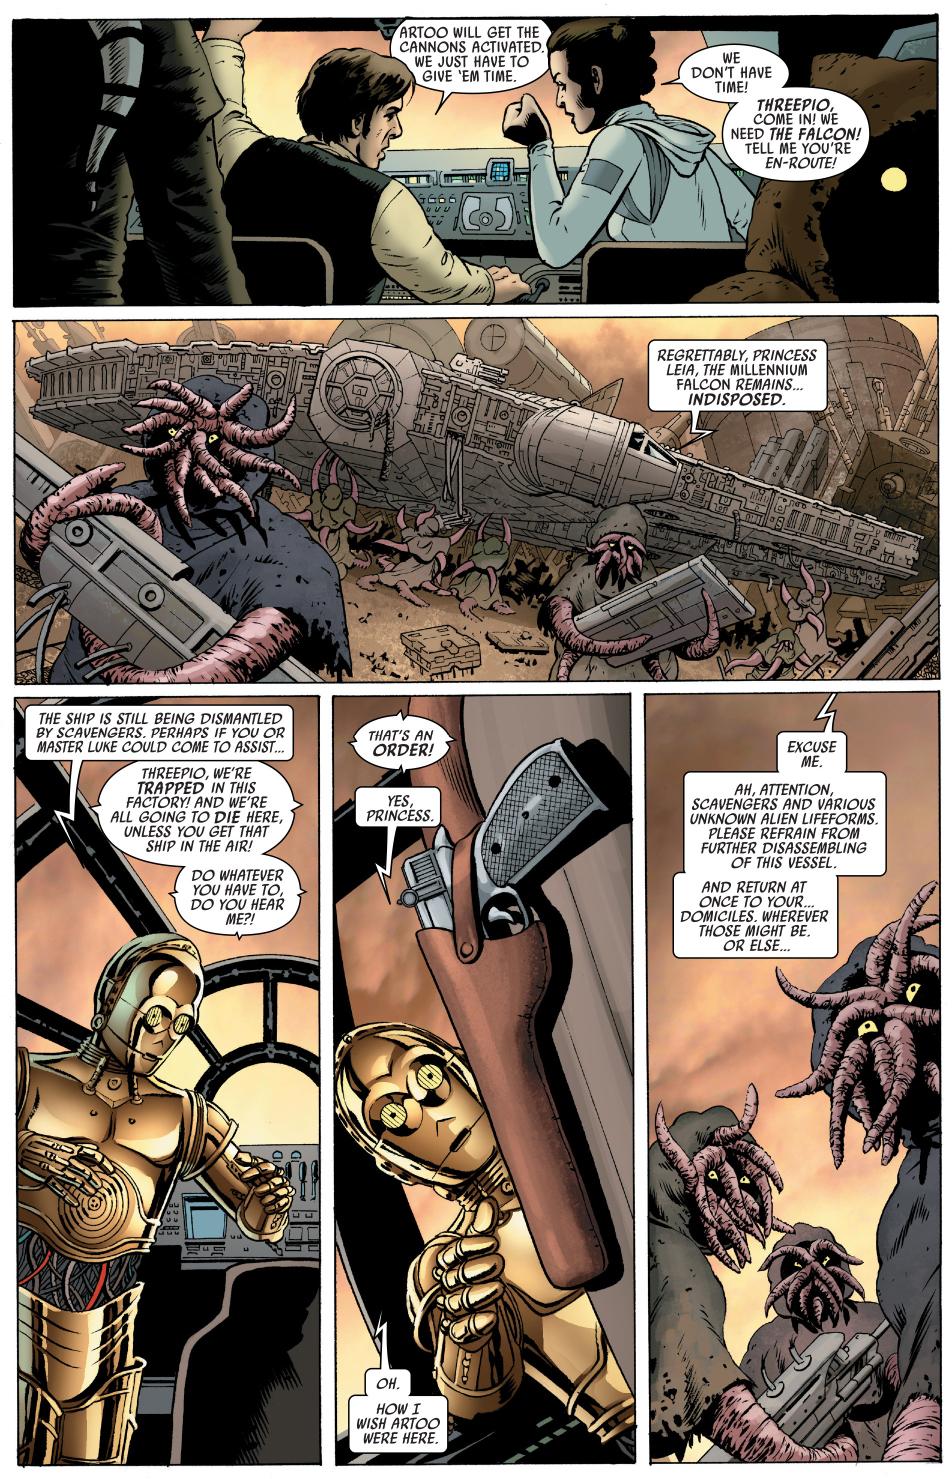 C-3PO defends the milennium falcon